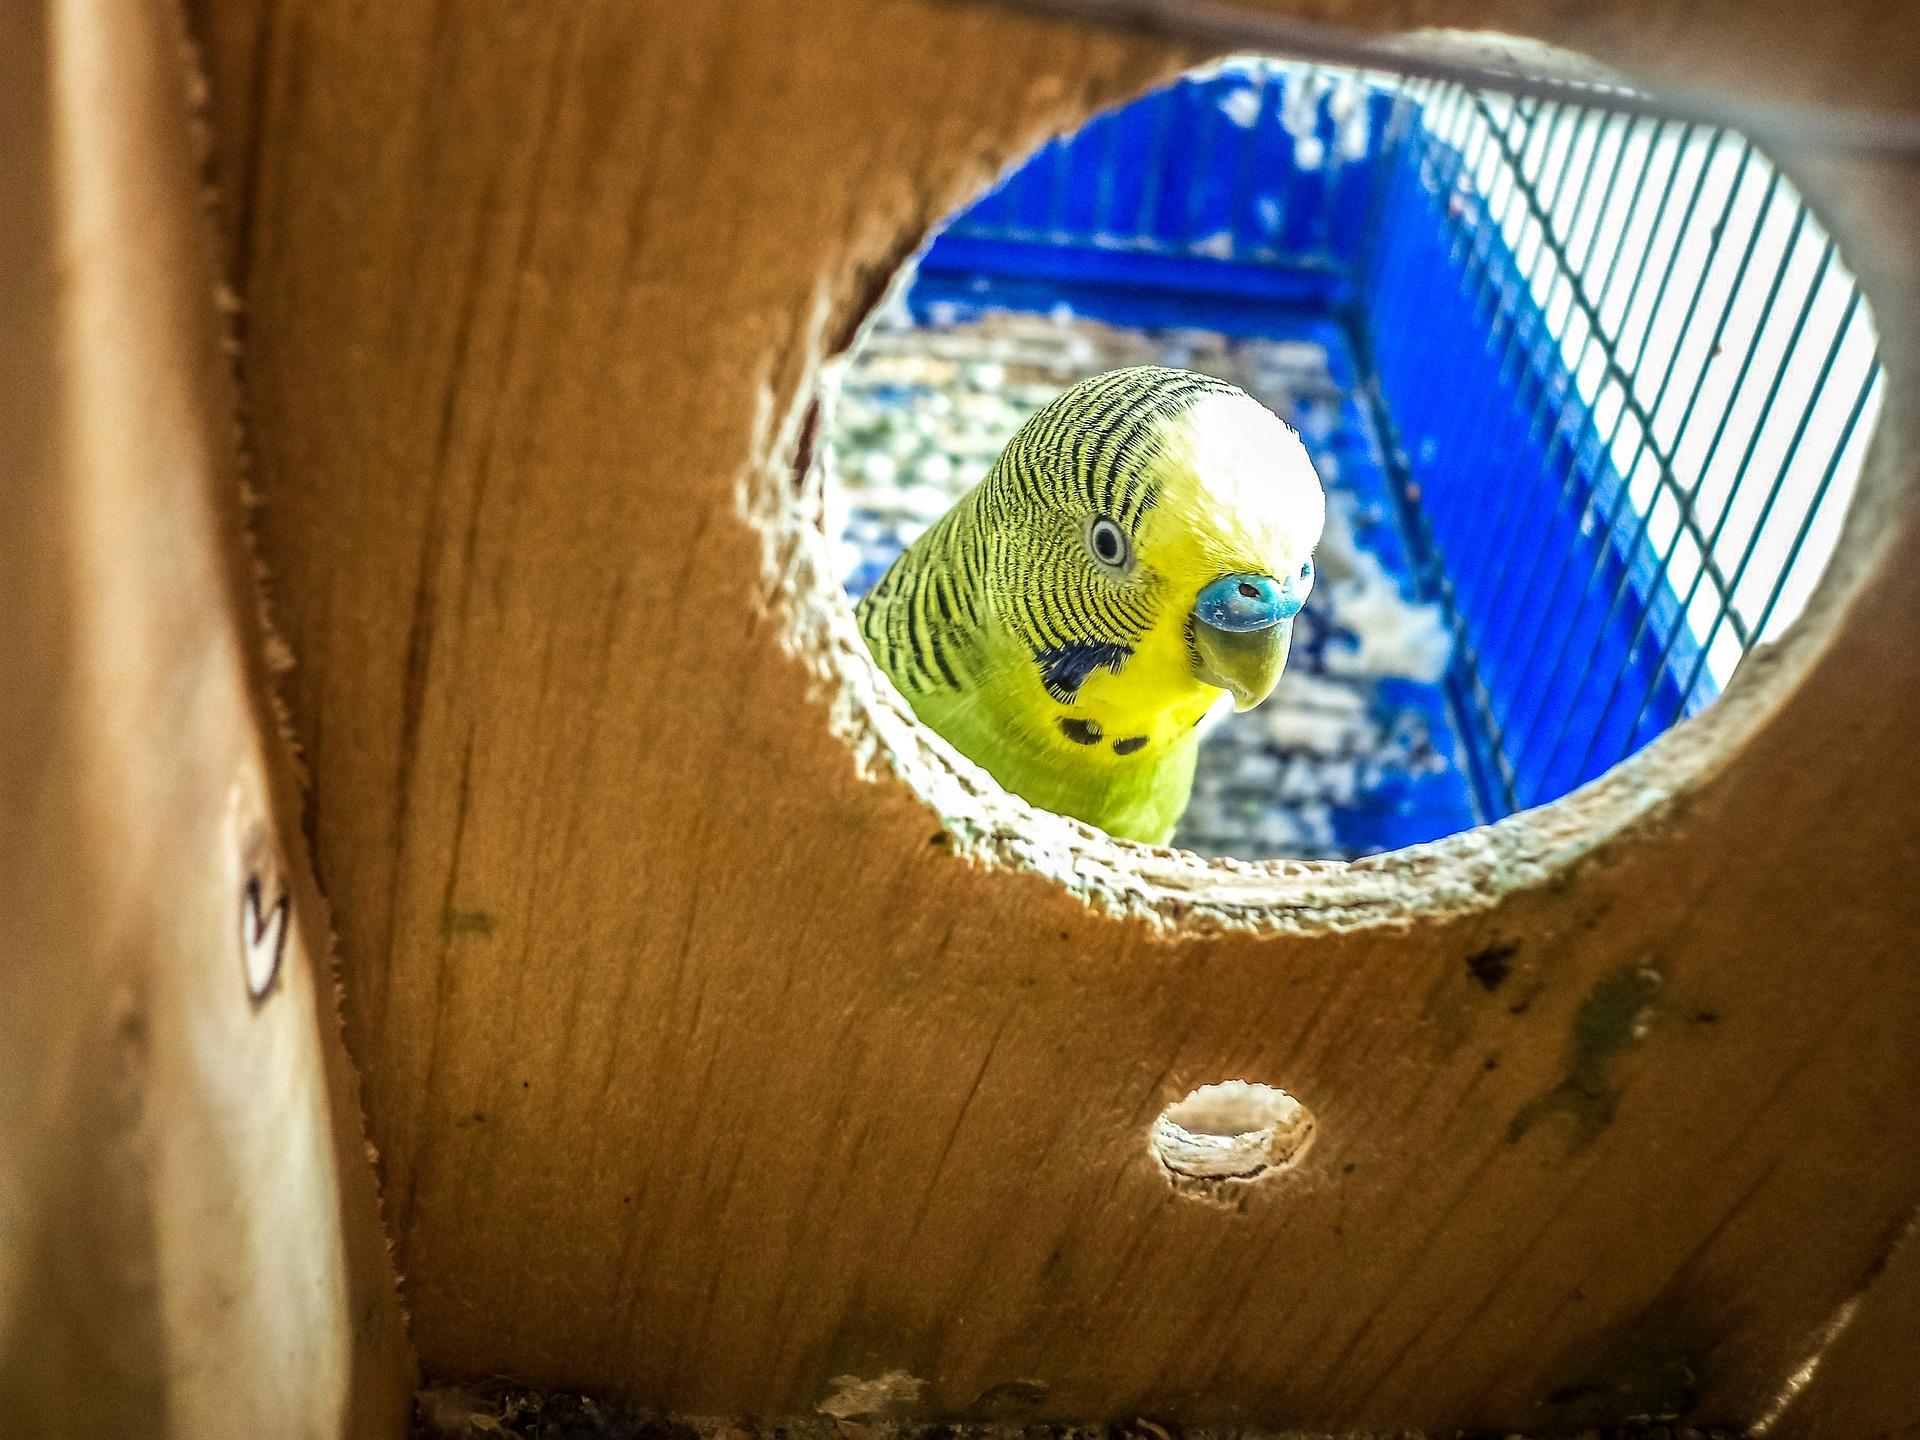 parrots-748781_1920.jpg